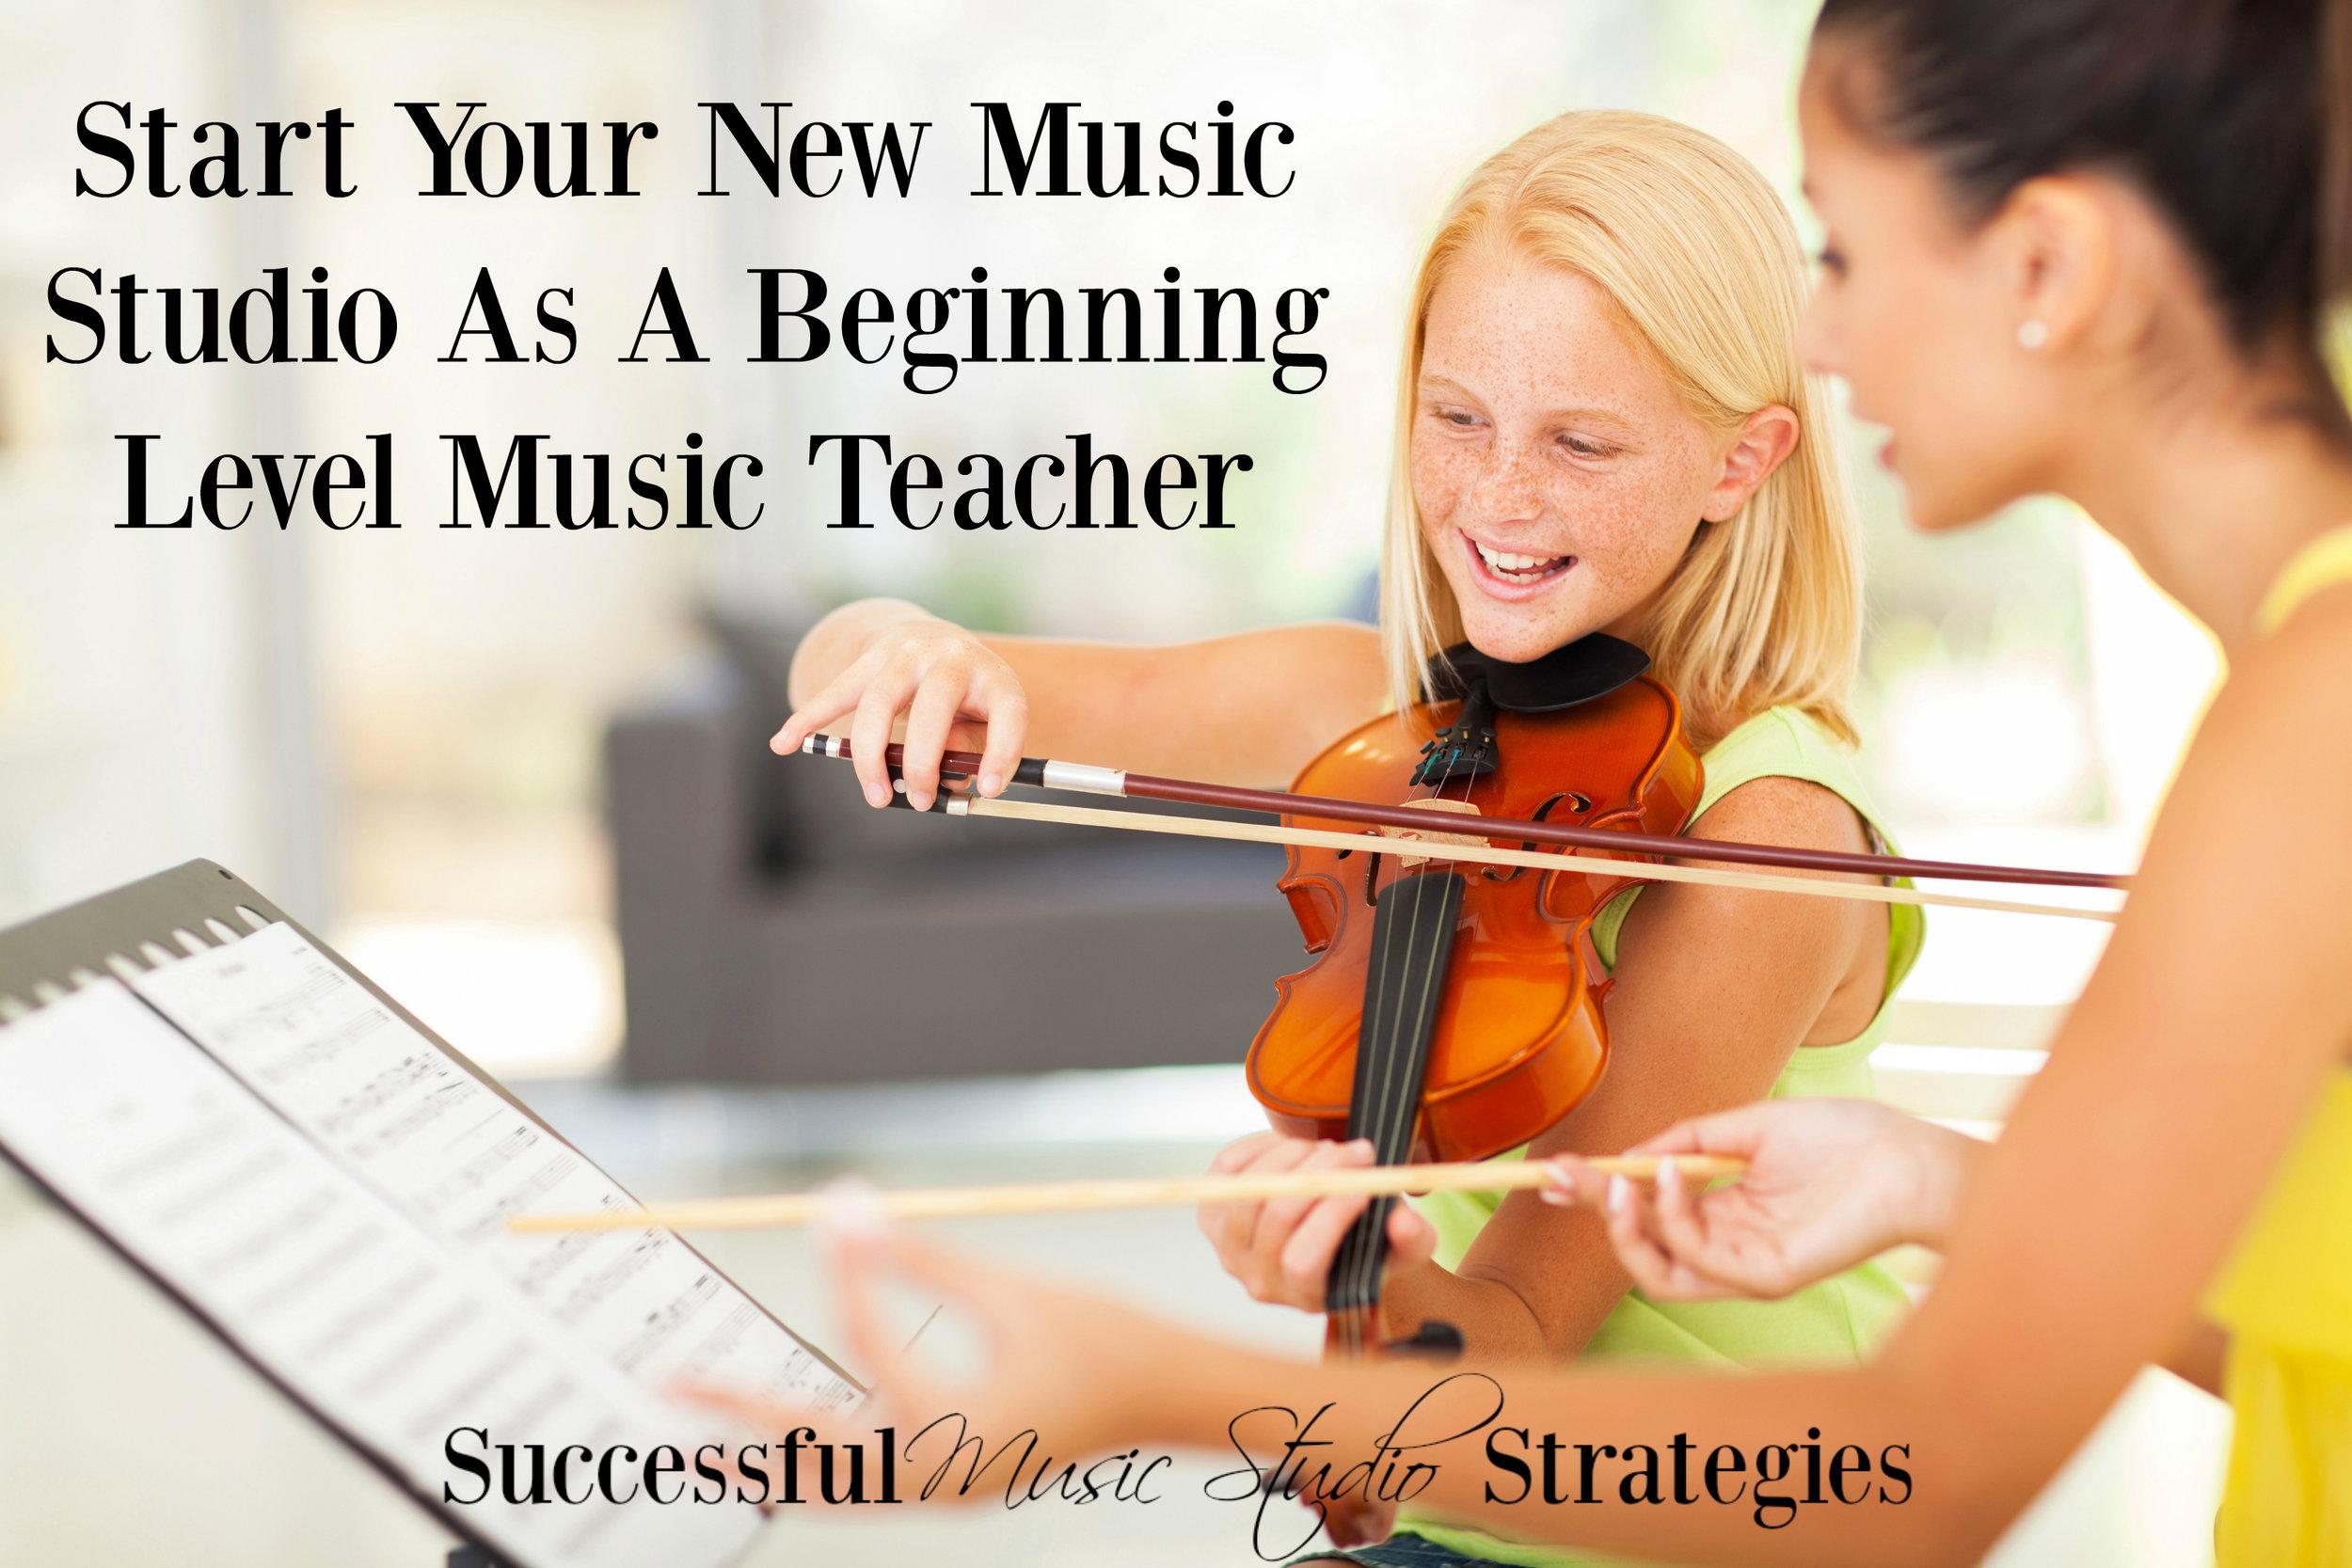 start your new music studio as a beginning level music teacher.jpg